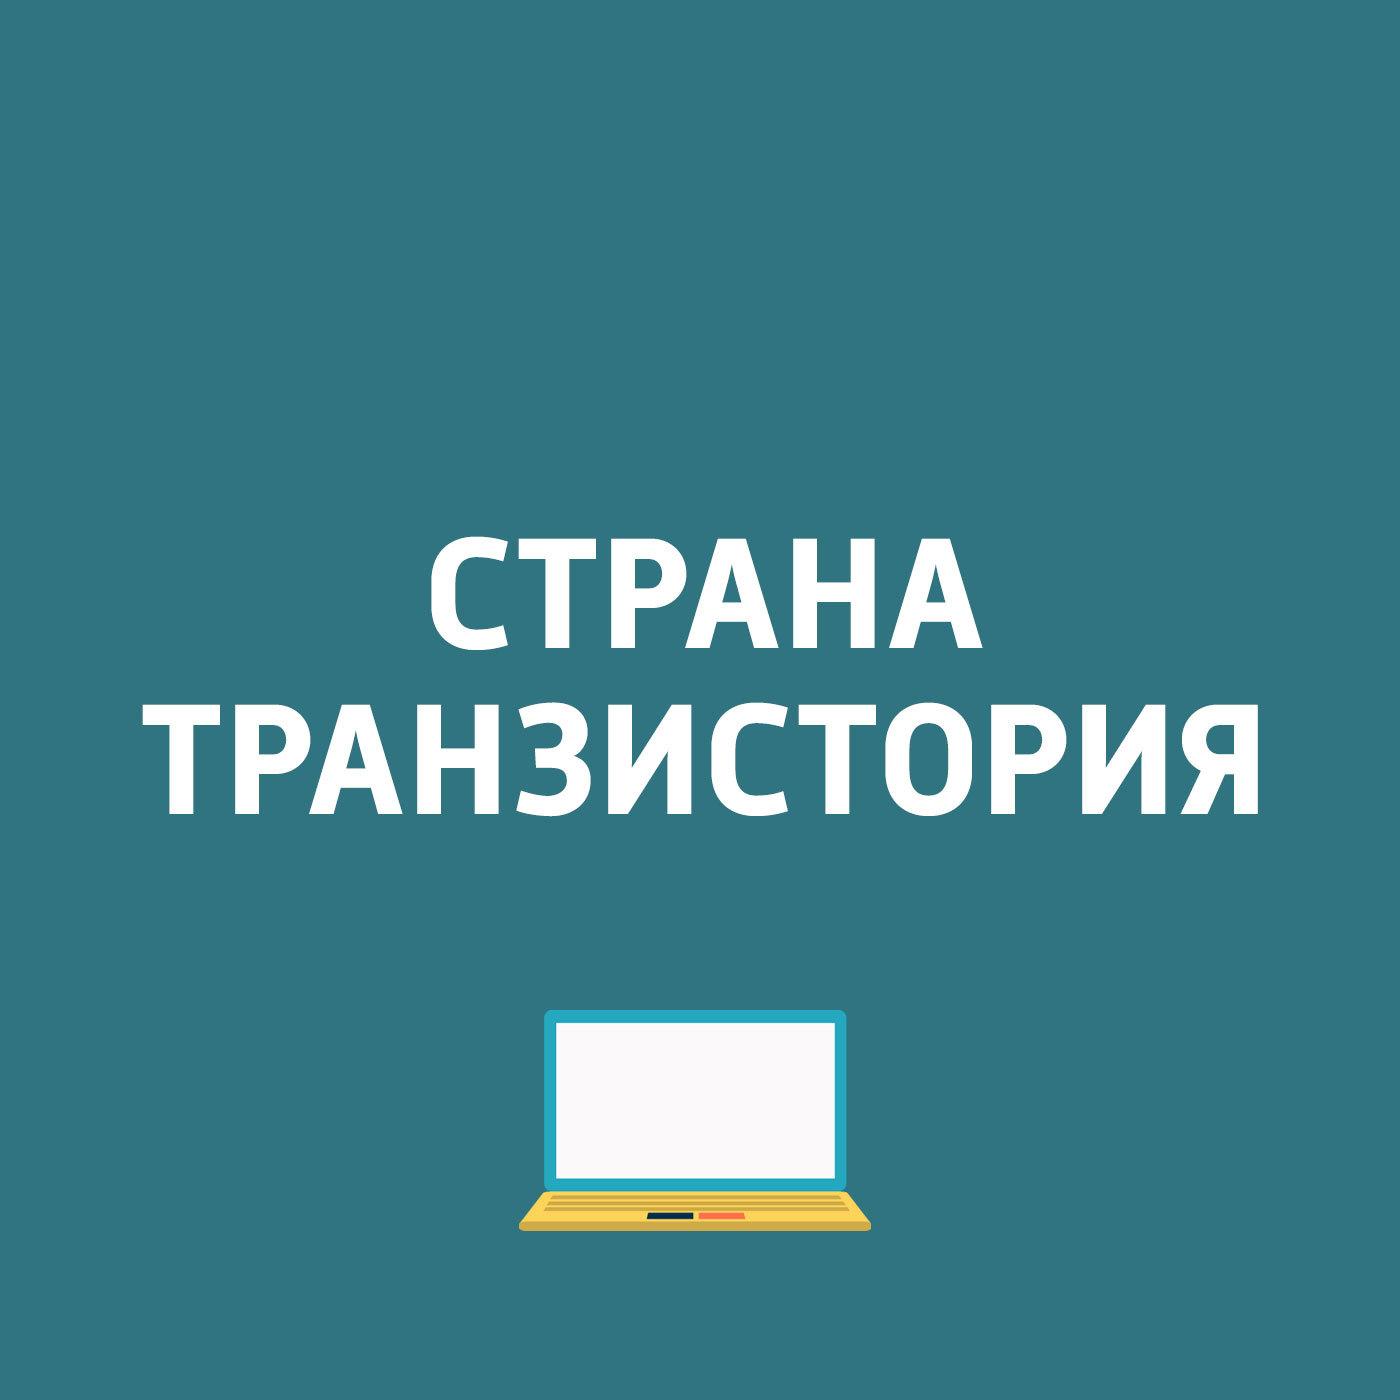 Картаев Павел Honor V8, Motorola представит новые смартфоны; «Яндекс научился ходить; Приложения WhatsApp для ПК; Periscope анонсировал новых функции картаев павел цены на электронику lenovo и motorola отель для геймеров